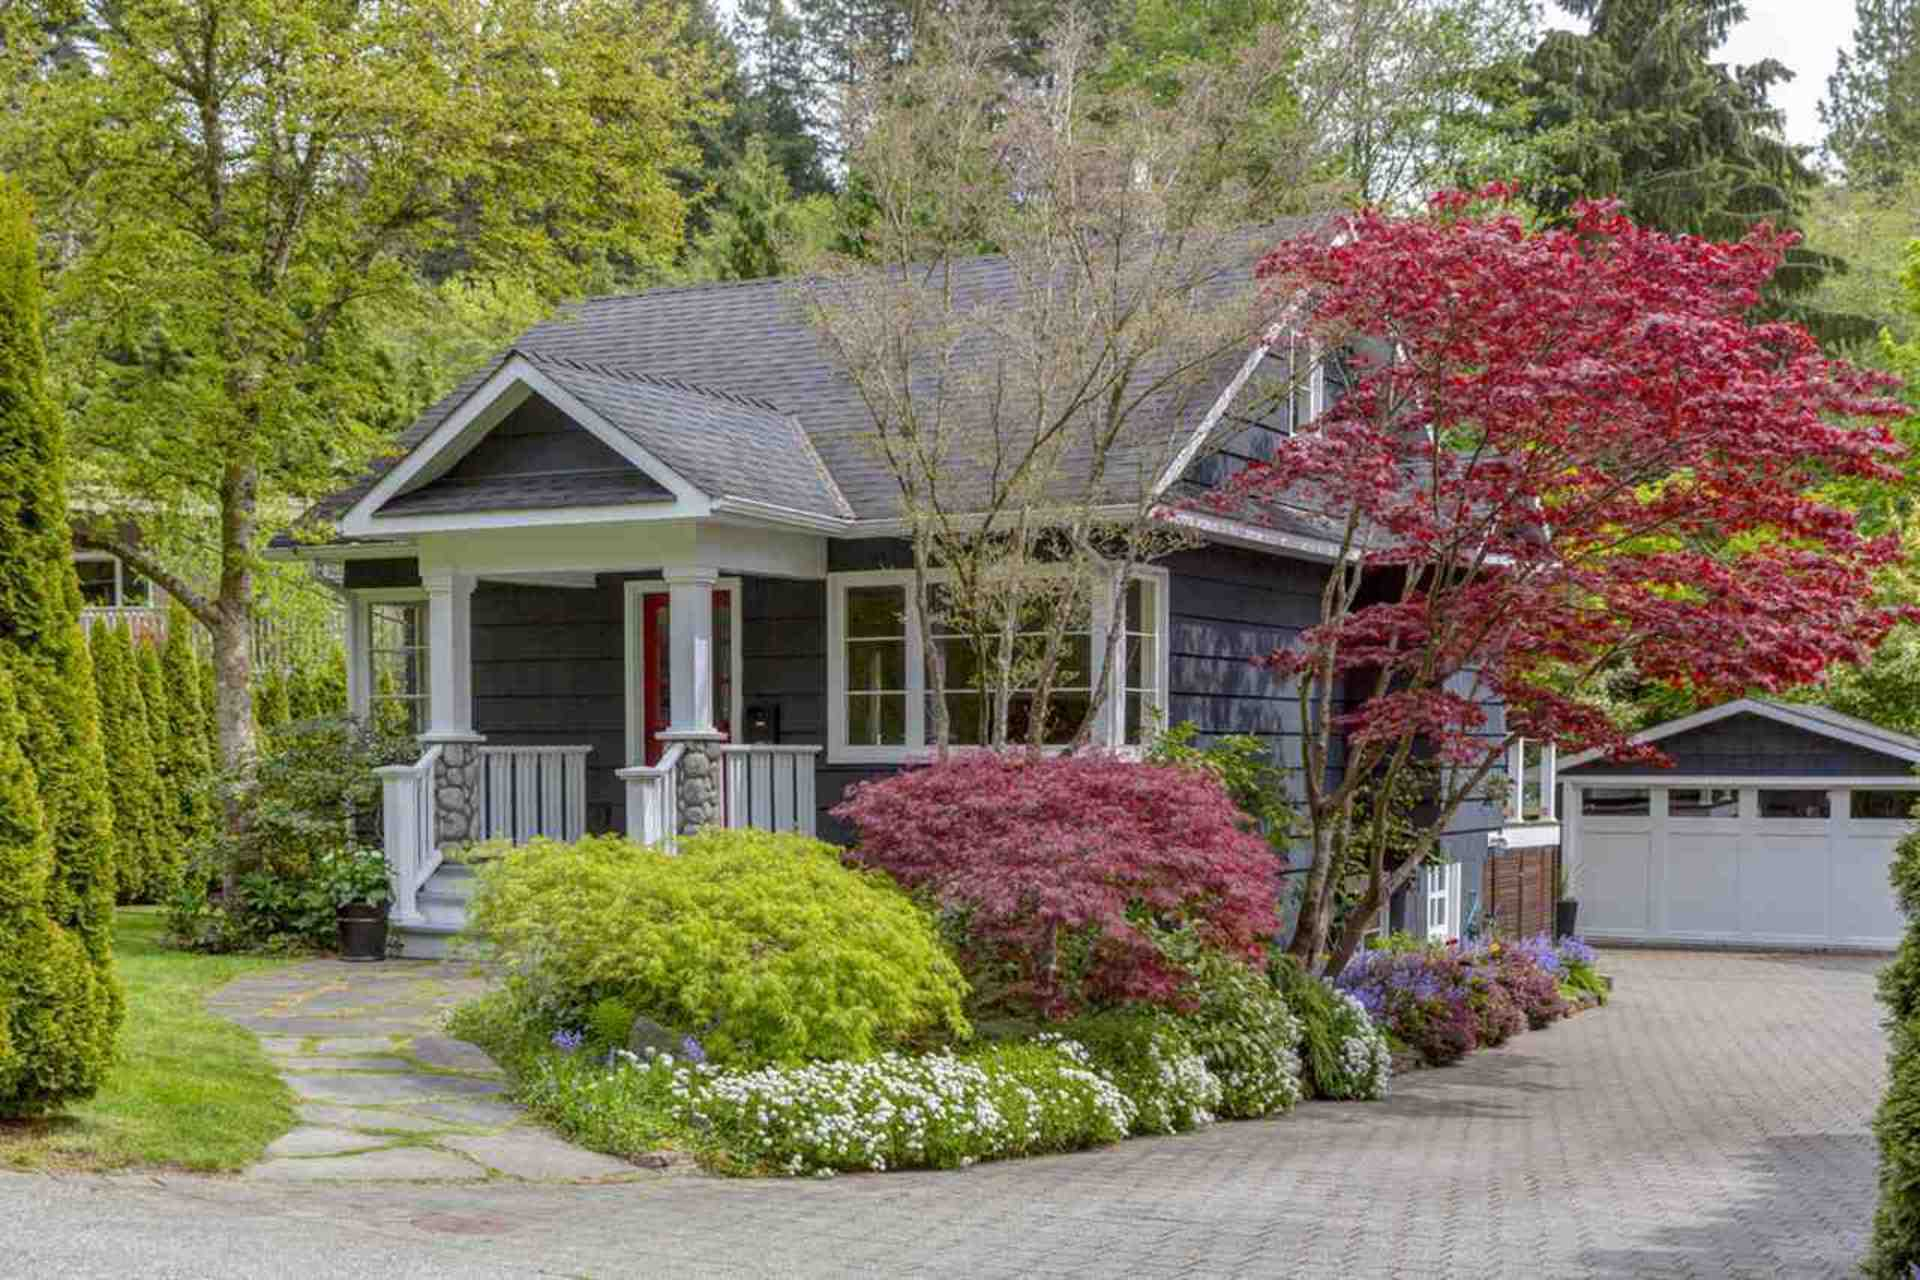 5648-eagle-harbour-road-eagle-harbour-west-vancouver-01 at 5648 Eagle Harbour Road, Eagle Harbour, West Vancouver